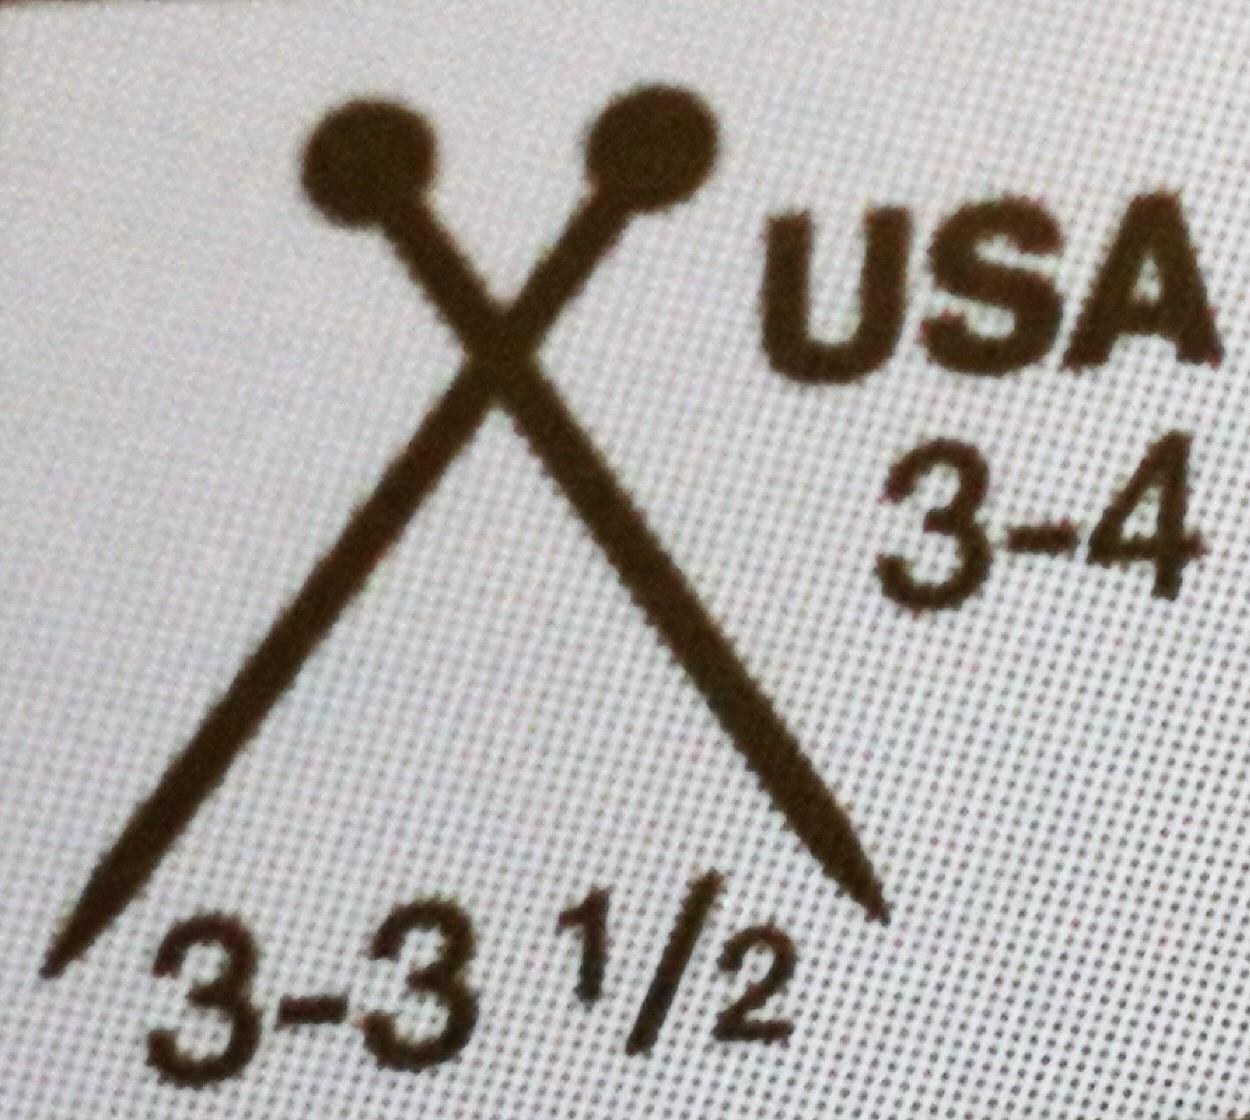 tamaño de aguja de dos puntos o de tricot en una etiqueta